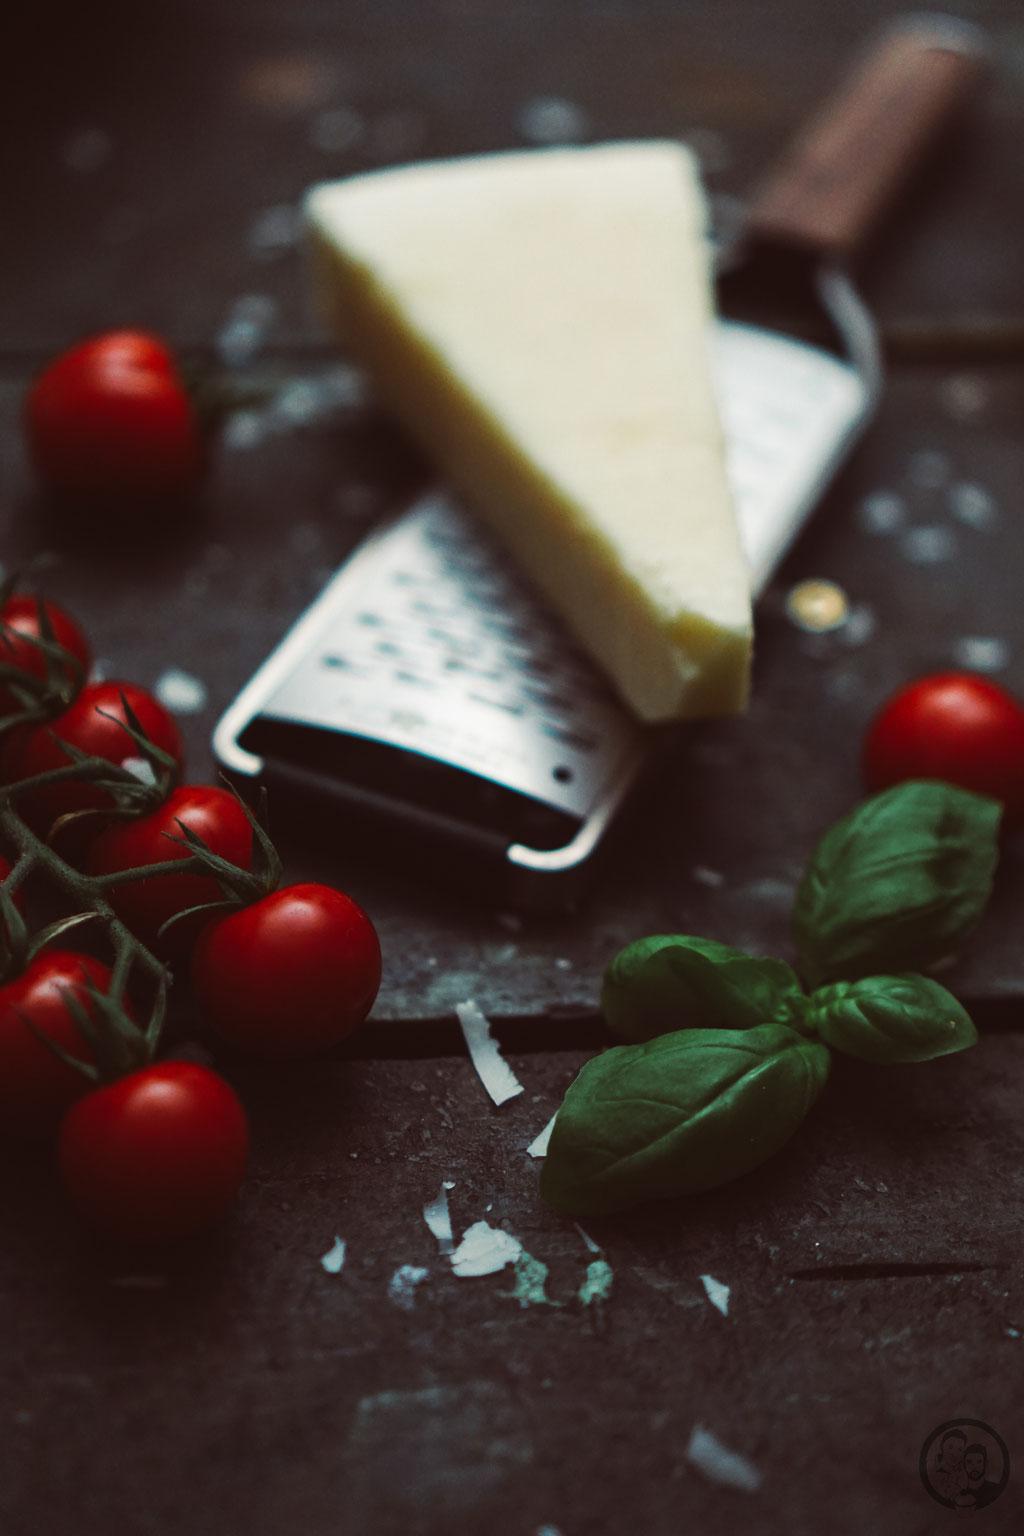 image 5 7 2 7 | Mit den Vorsätzen ist es ja immer so eine Sache. Man fasst sie, dann sind sie schnell wieder verworfen und wer braucht schon so etwas fürs neue Jahr?! Wir haben uns jetzt einen Vorsatz gefasst und daher gibt esbei uns in nächster Zeit auch mal wieder etwas leichtere Küche; wie zum Beispiel diese leckeren Zoodles in Tomaten-Ricotta-Sauce mit Hähnchenfleisch.